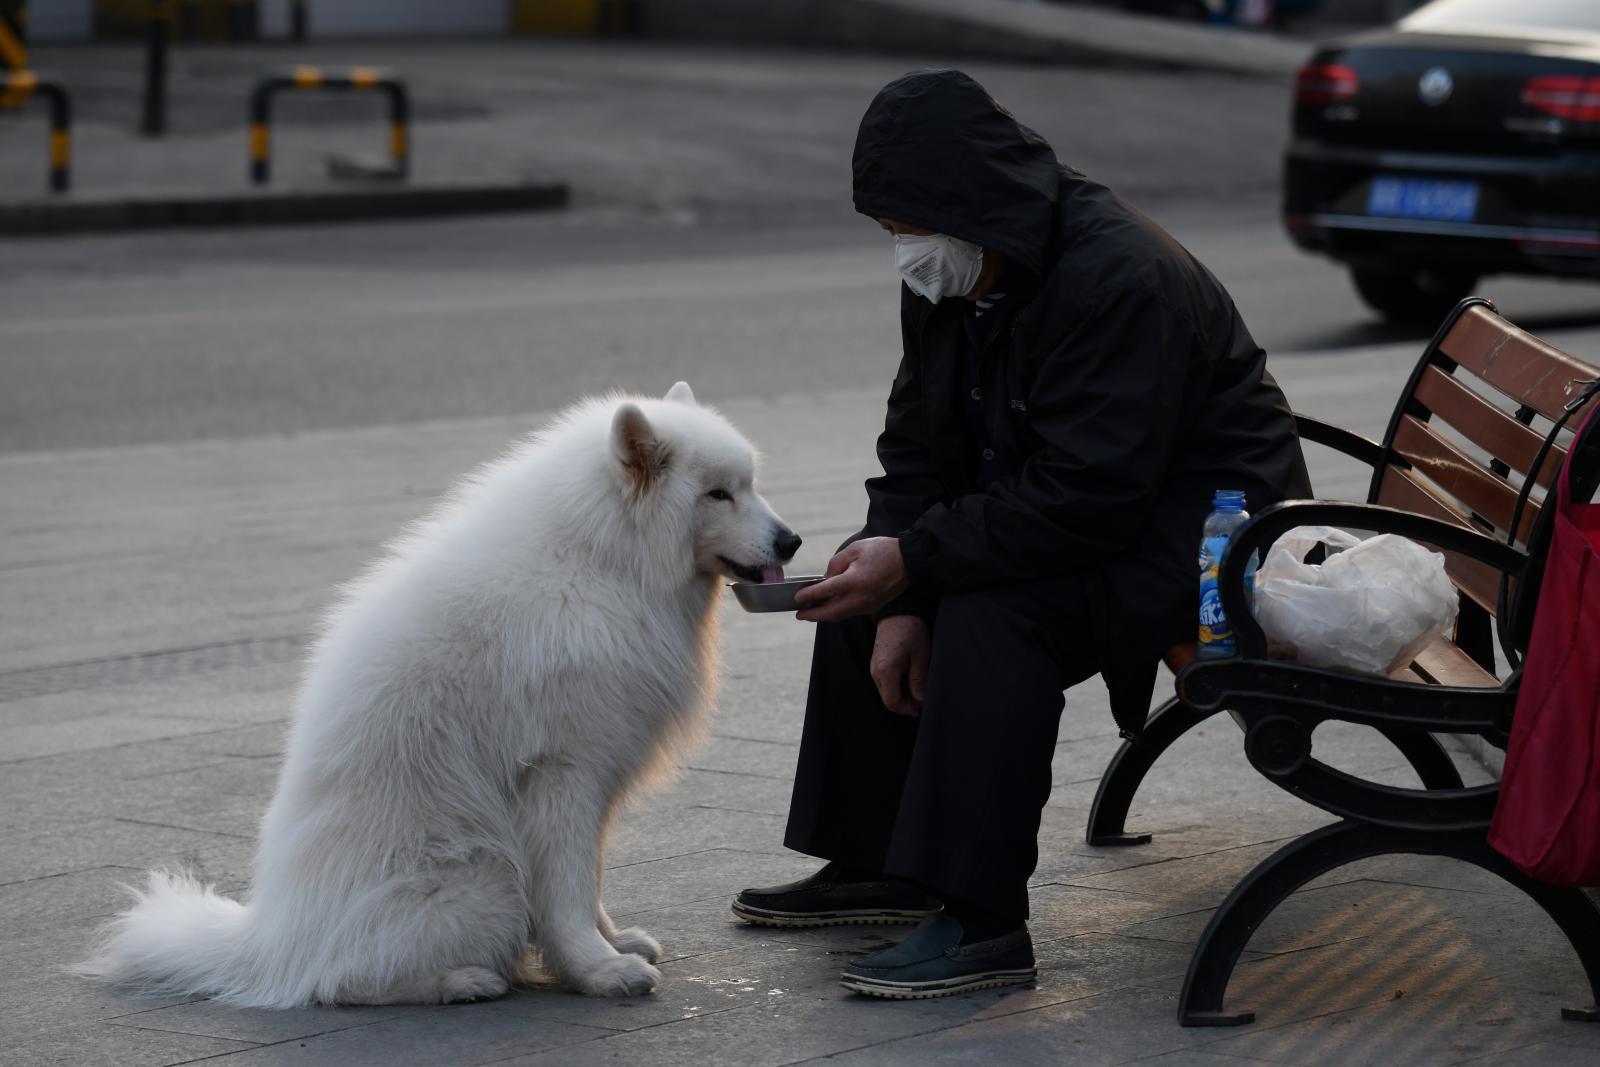 """สุนัขของผู้ป่วย Covid-19 ในฮ่องกง มีผลทดสอบเป็น """"บวก"""""""